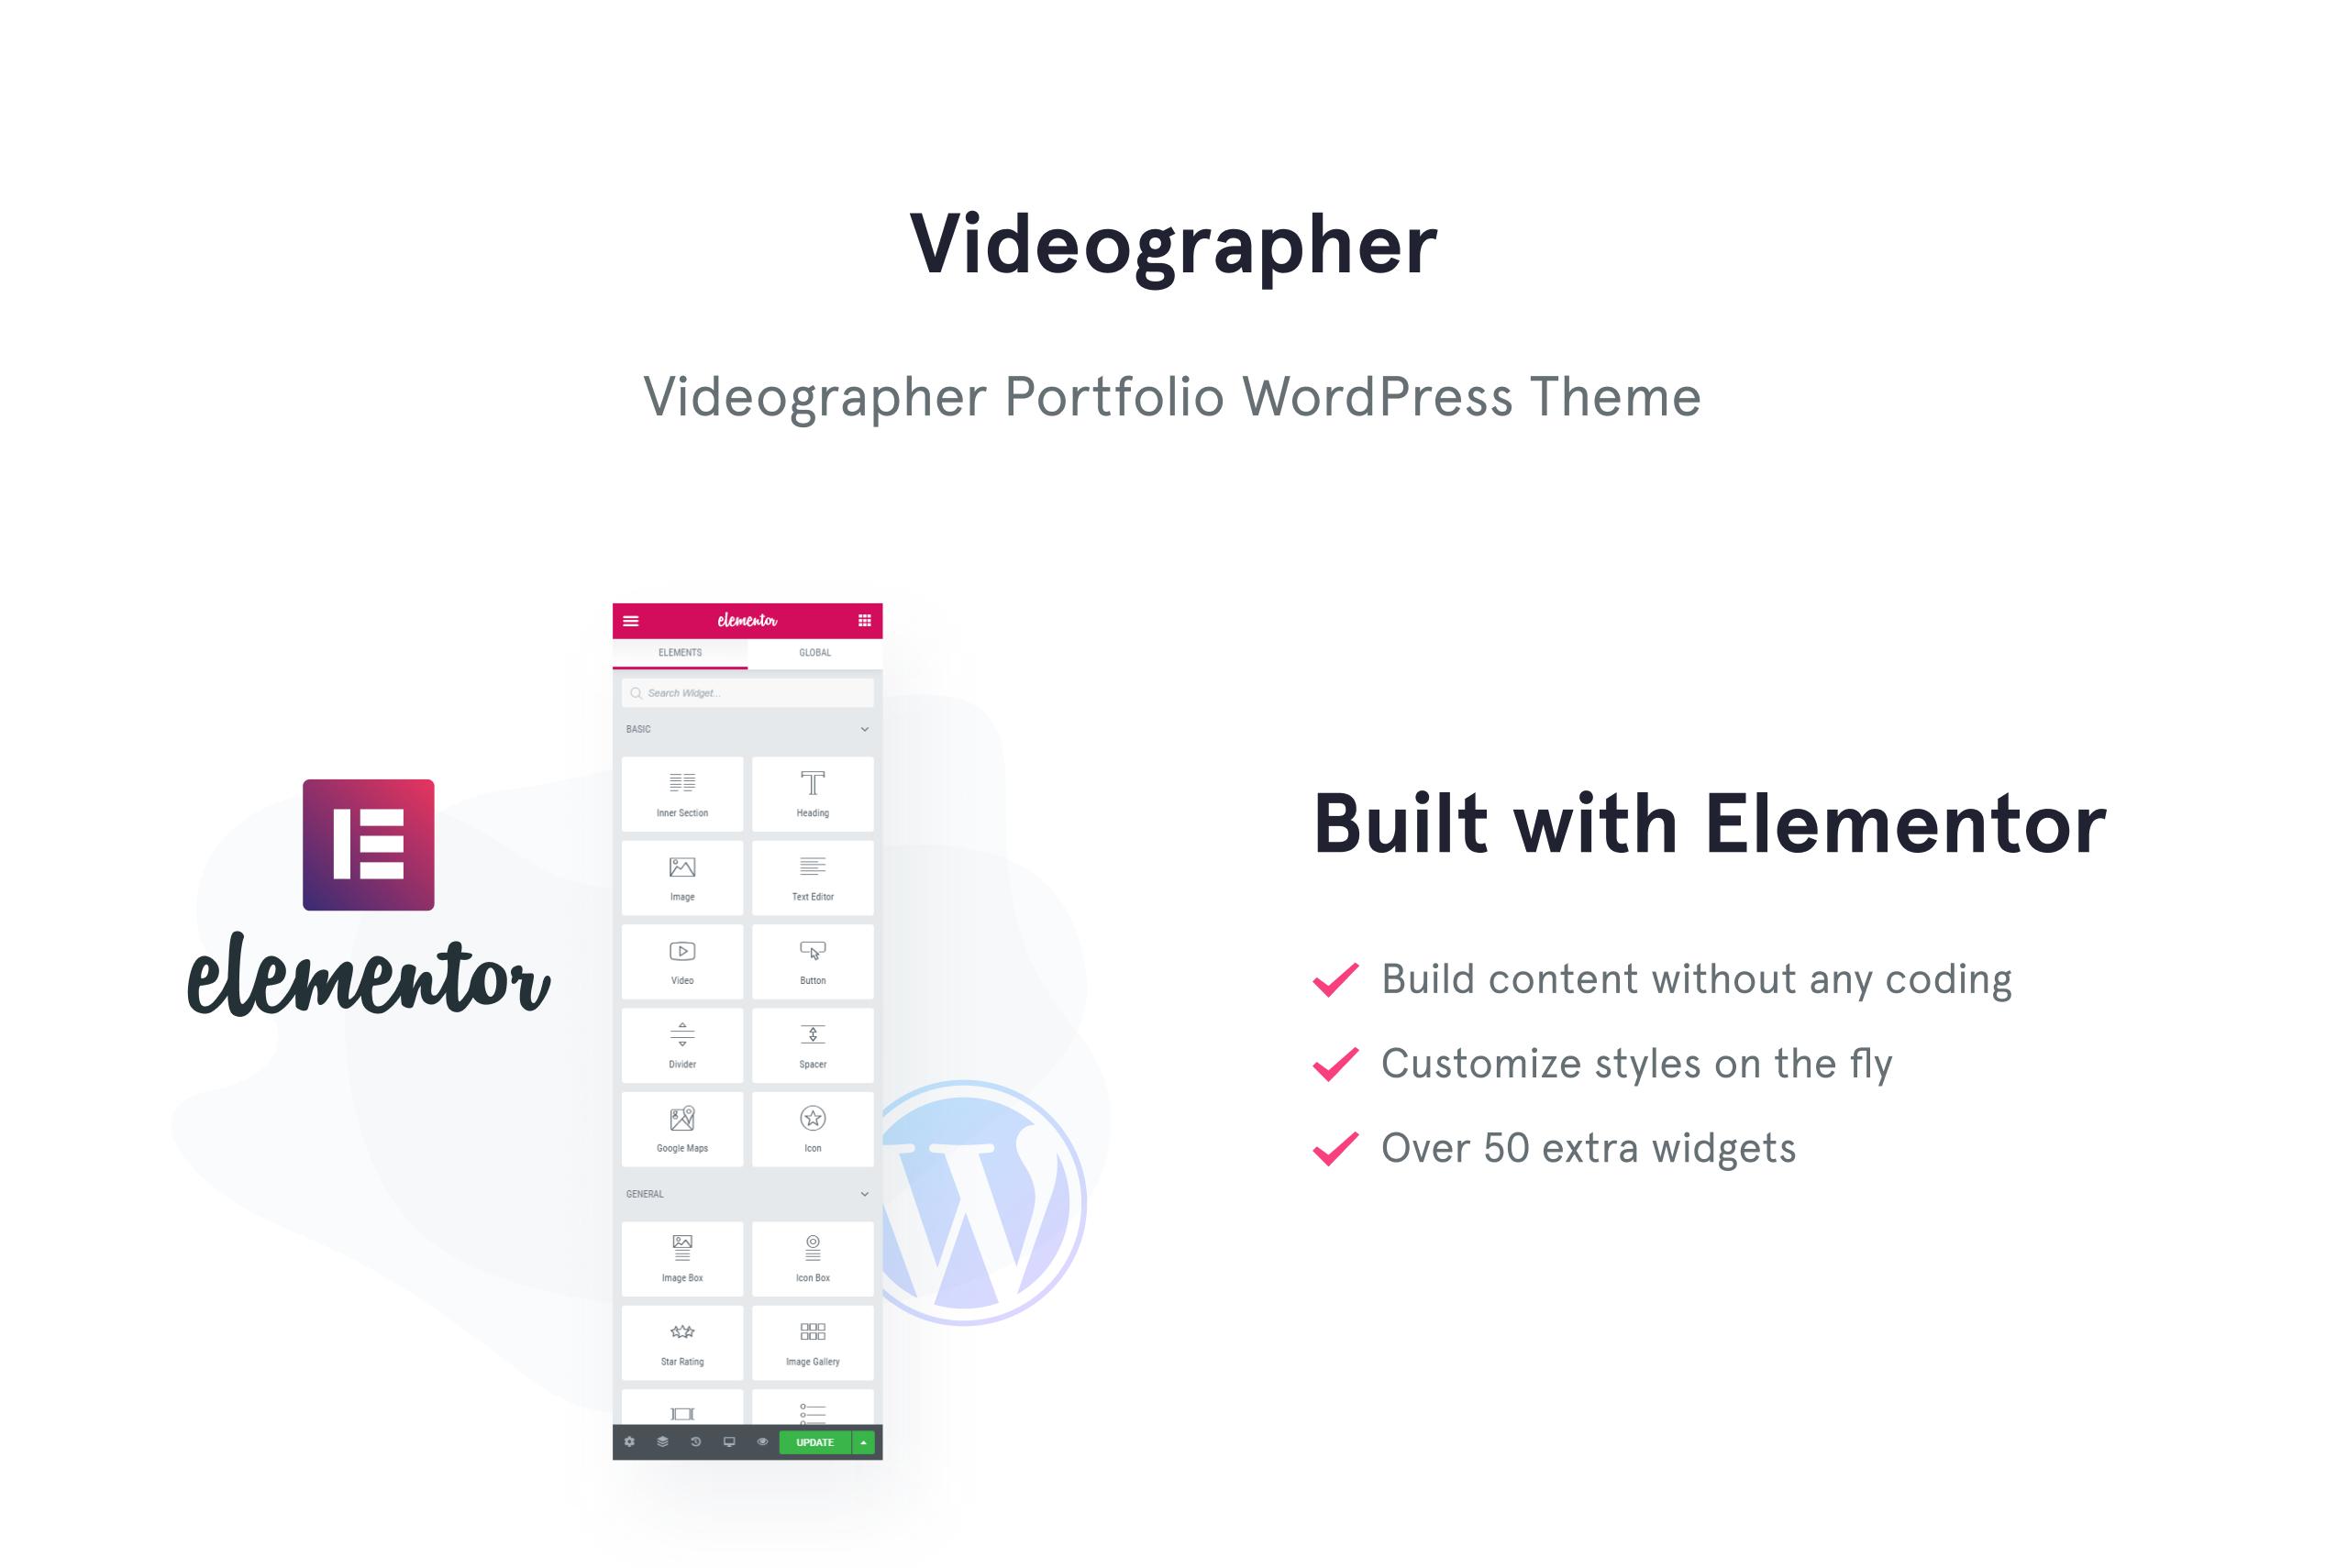 Videographer Portfolio WordPress Theme